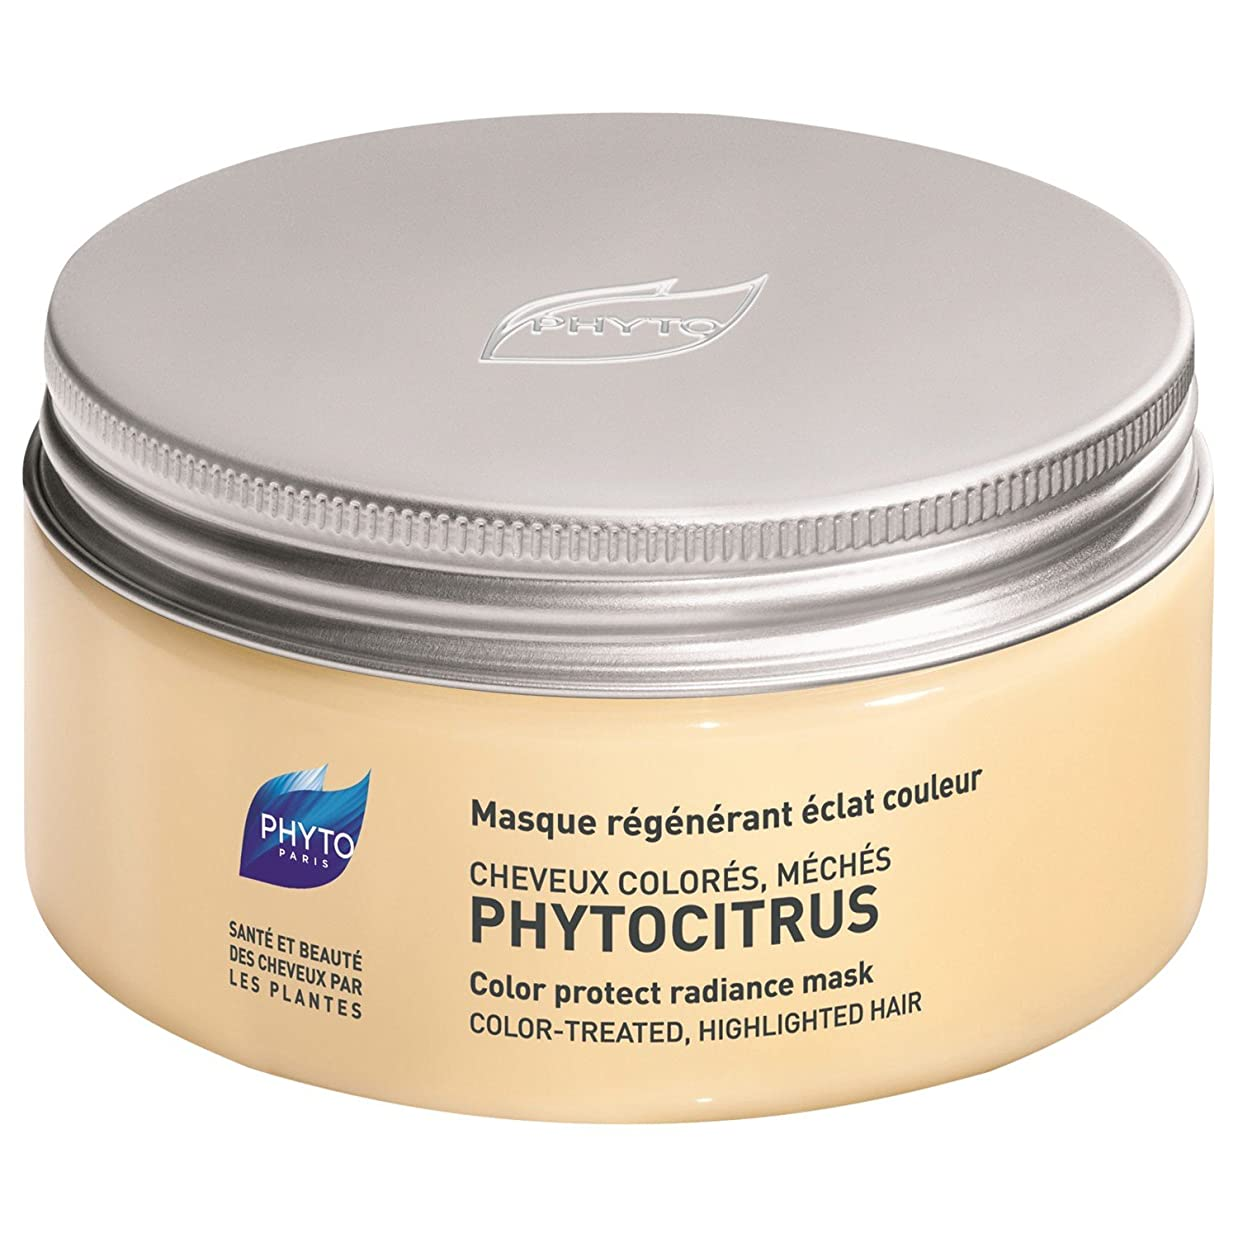 累積無駄に誘うフィトPhytocitrus色保護放射輝度マスク200ミリリットル (Phyto) - Phyto Phytocitrus Colour Protect Radiance Mask 200ml [並行輸入品]